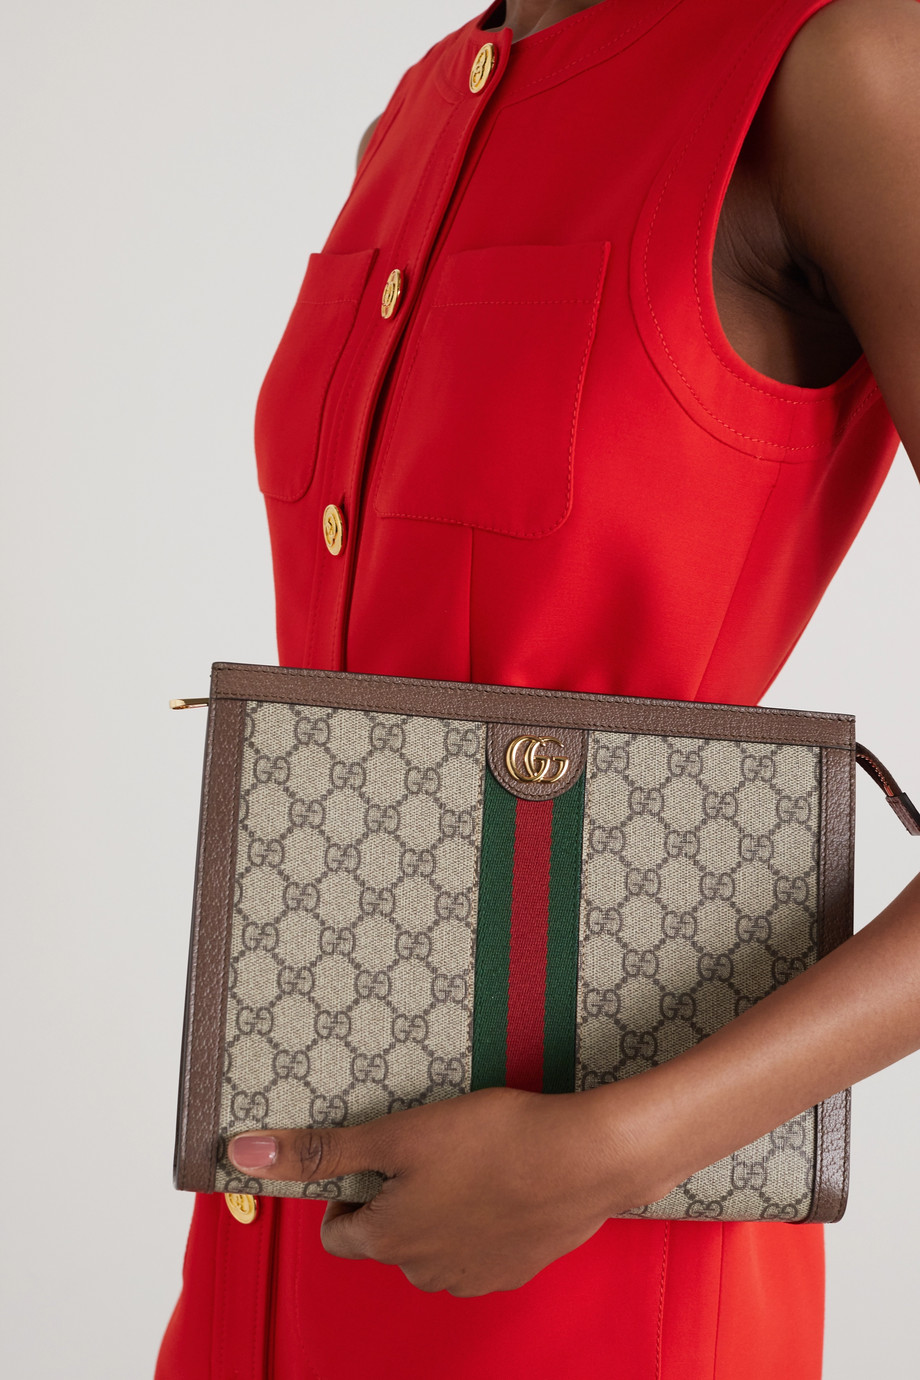 Gucci Ophidia 纹理皮革边饰印花涂层帆布小袋